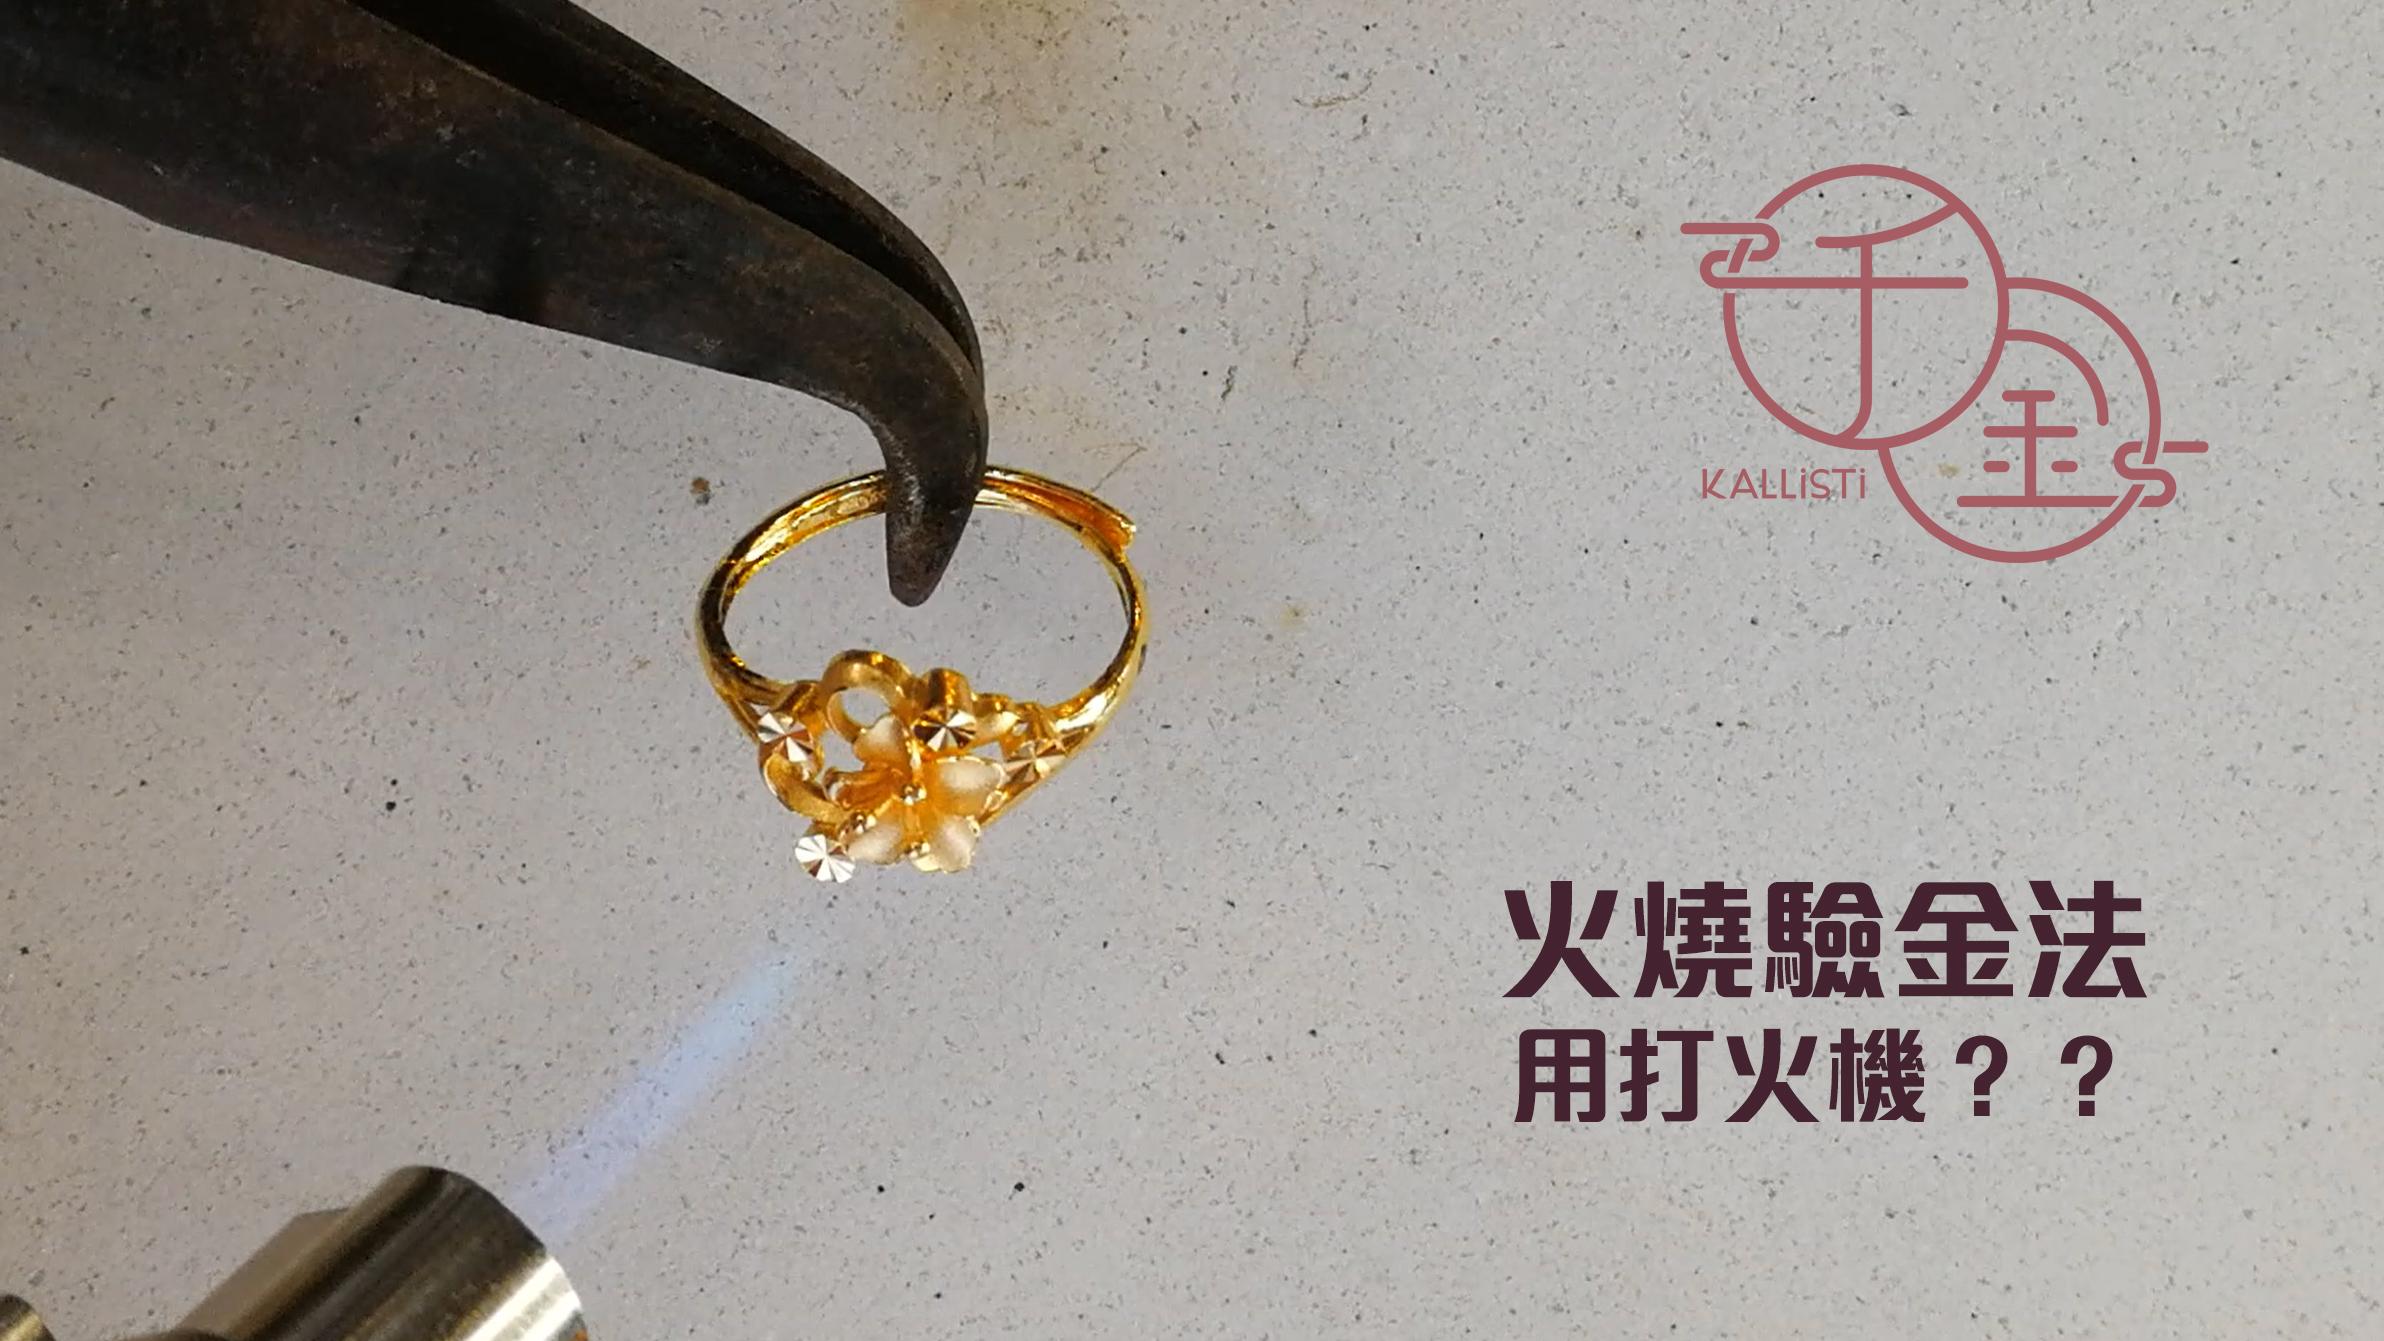 【火燒驗金法】真金不怕洪爐火︱千金金業 KALLiSTi Gold